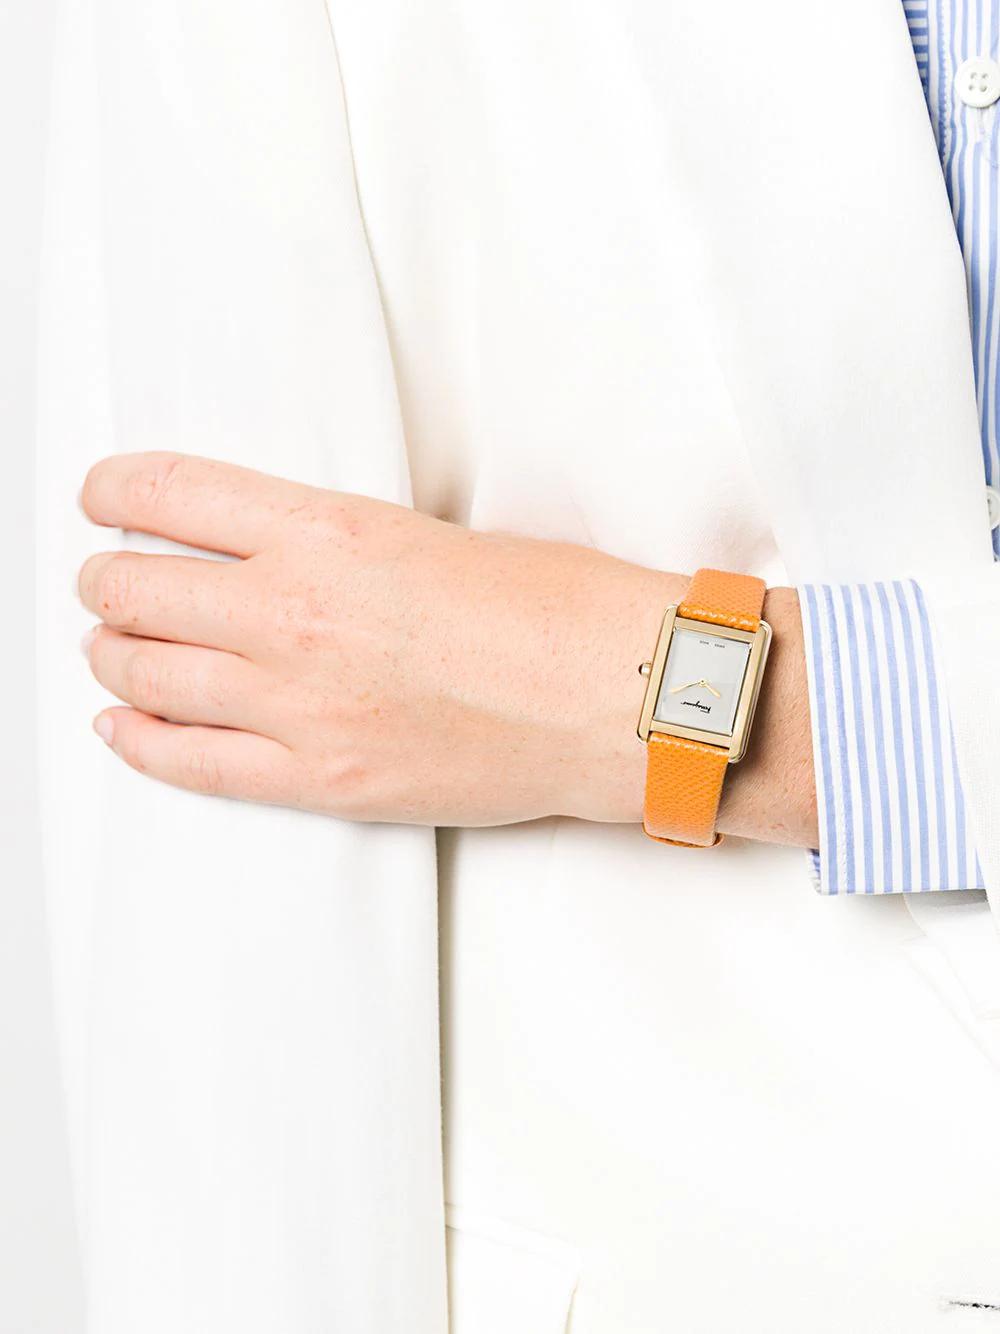 SALVATORE FERRAGAMO | Salvatore Ferragamo Watches наручные часы Tank Lady | Clouty